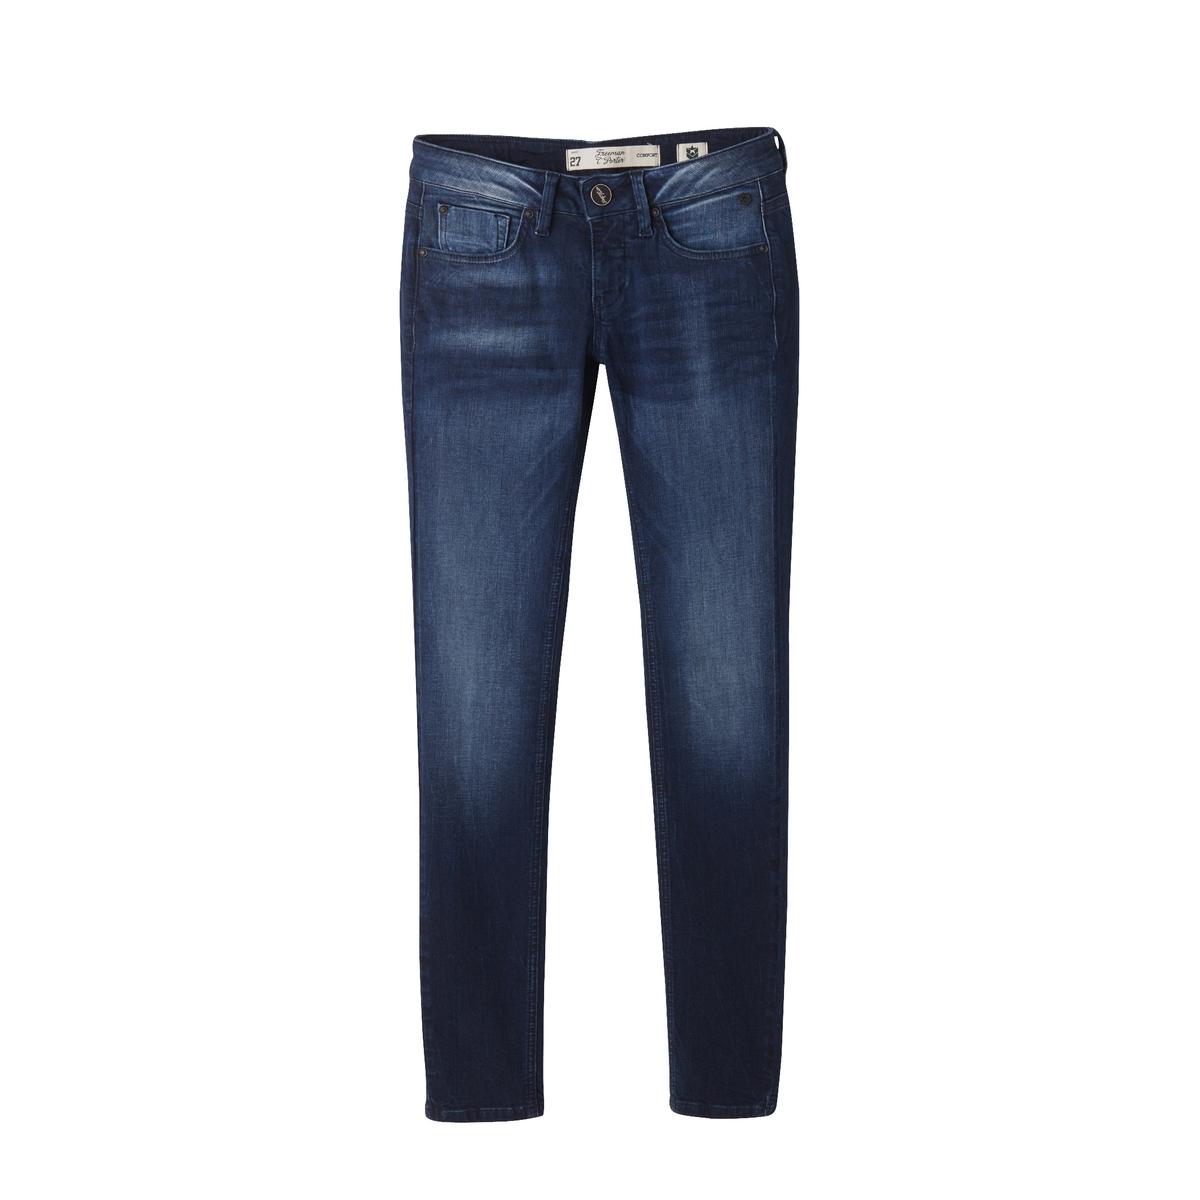 Узкие джинсыДетали •  Узкие •  Стандартная талия Состав и уход •  97% хлопка, 3% эластана •  Следуйте советам по уходу, указанным на этикетке<br><br>Цвет: темно-синий линялый